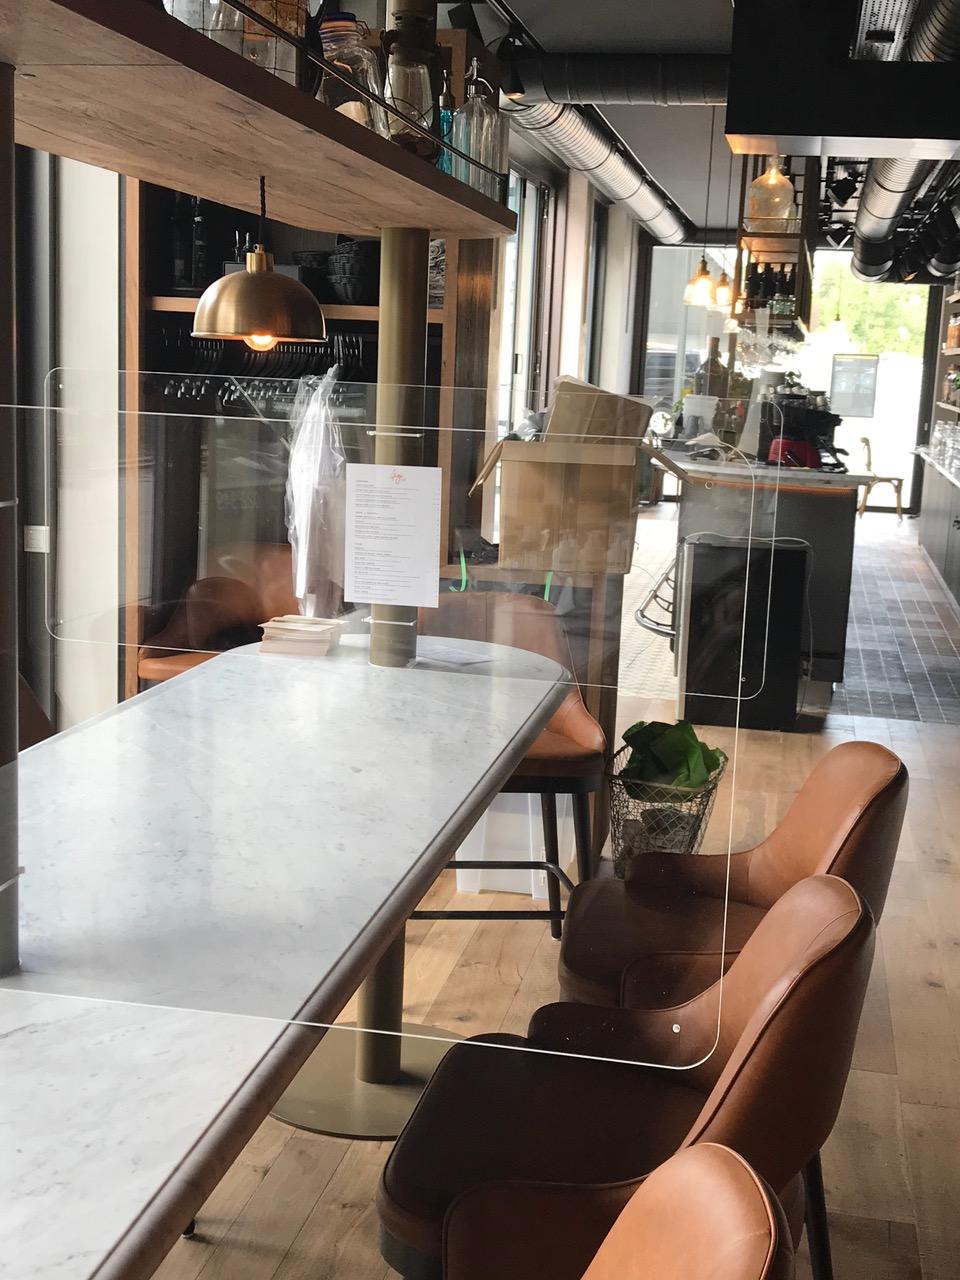 Ecran bouclier de protection plexi tables restaurant café bar protectio